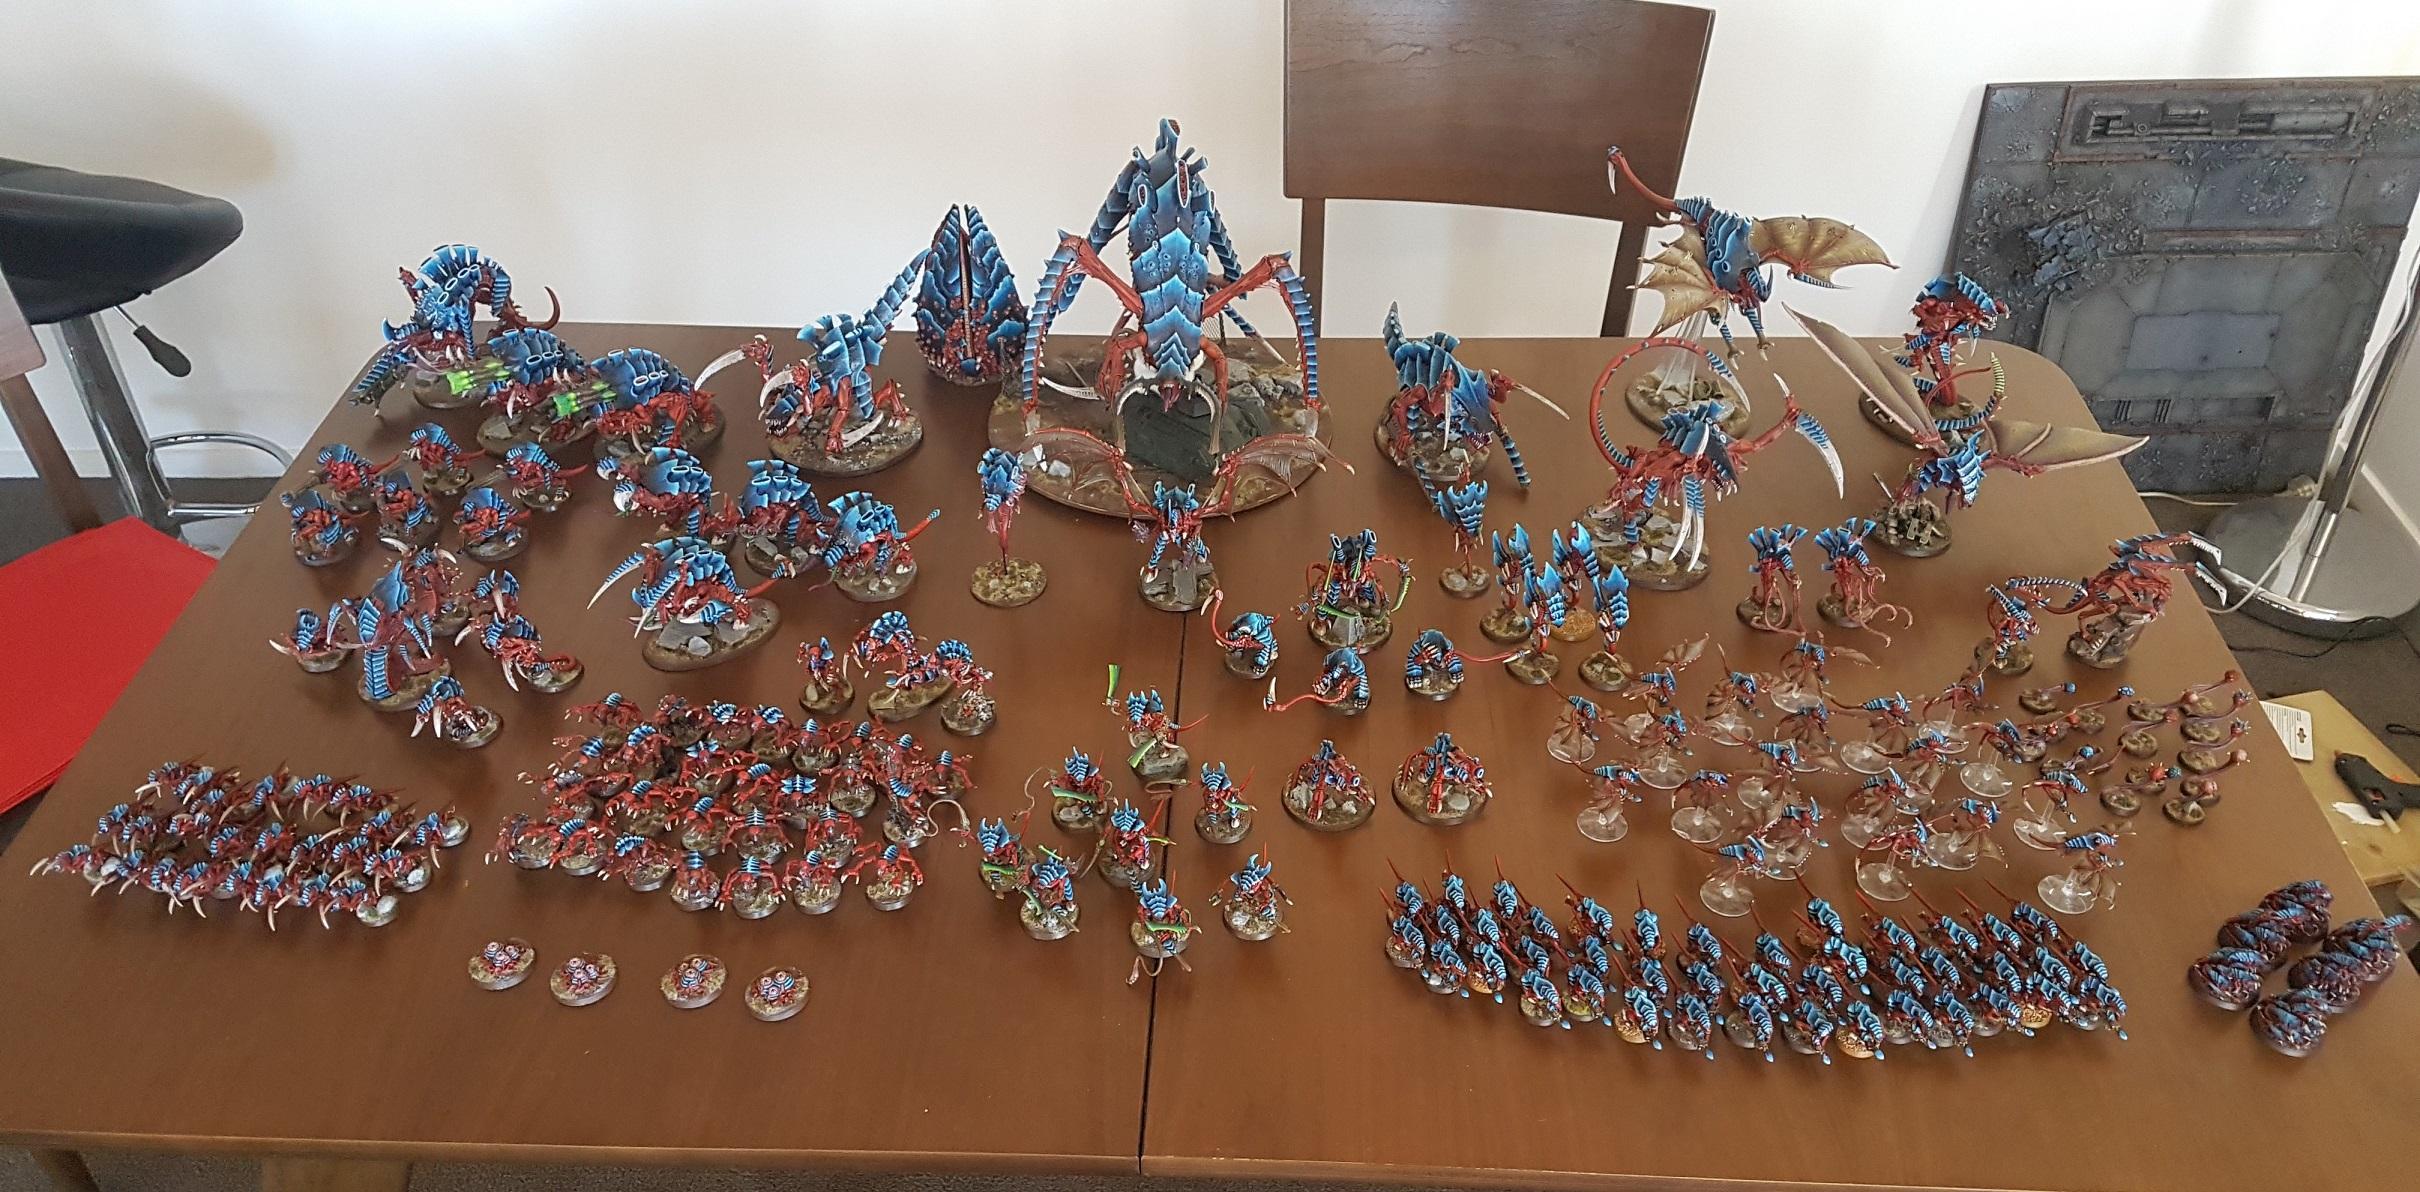 Army, Behemoth, Tyranids